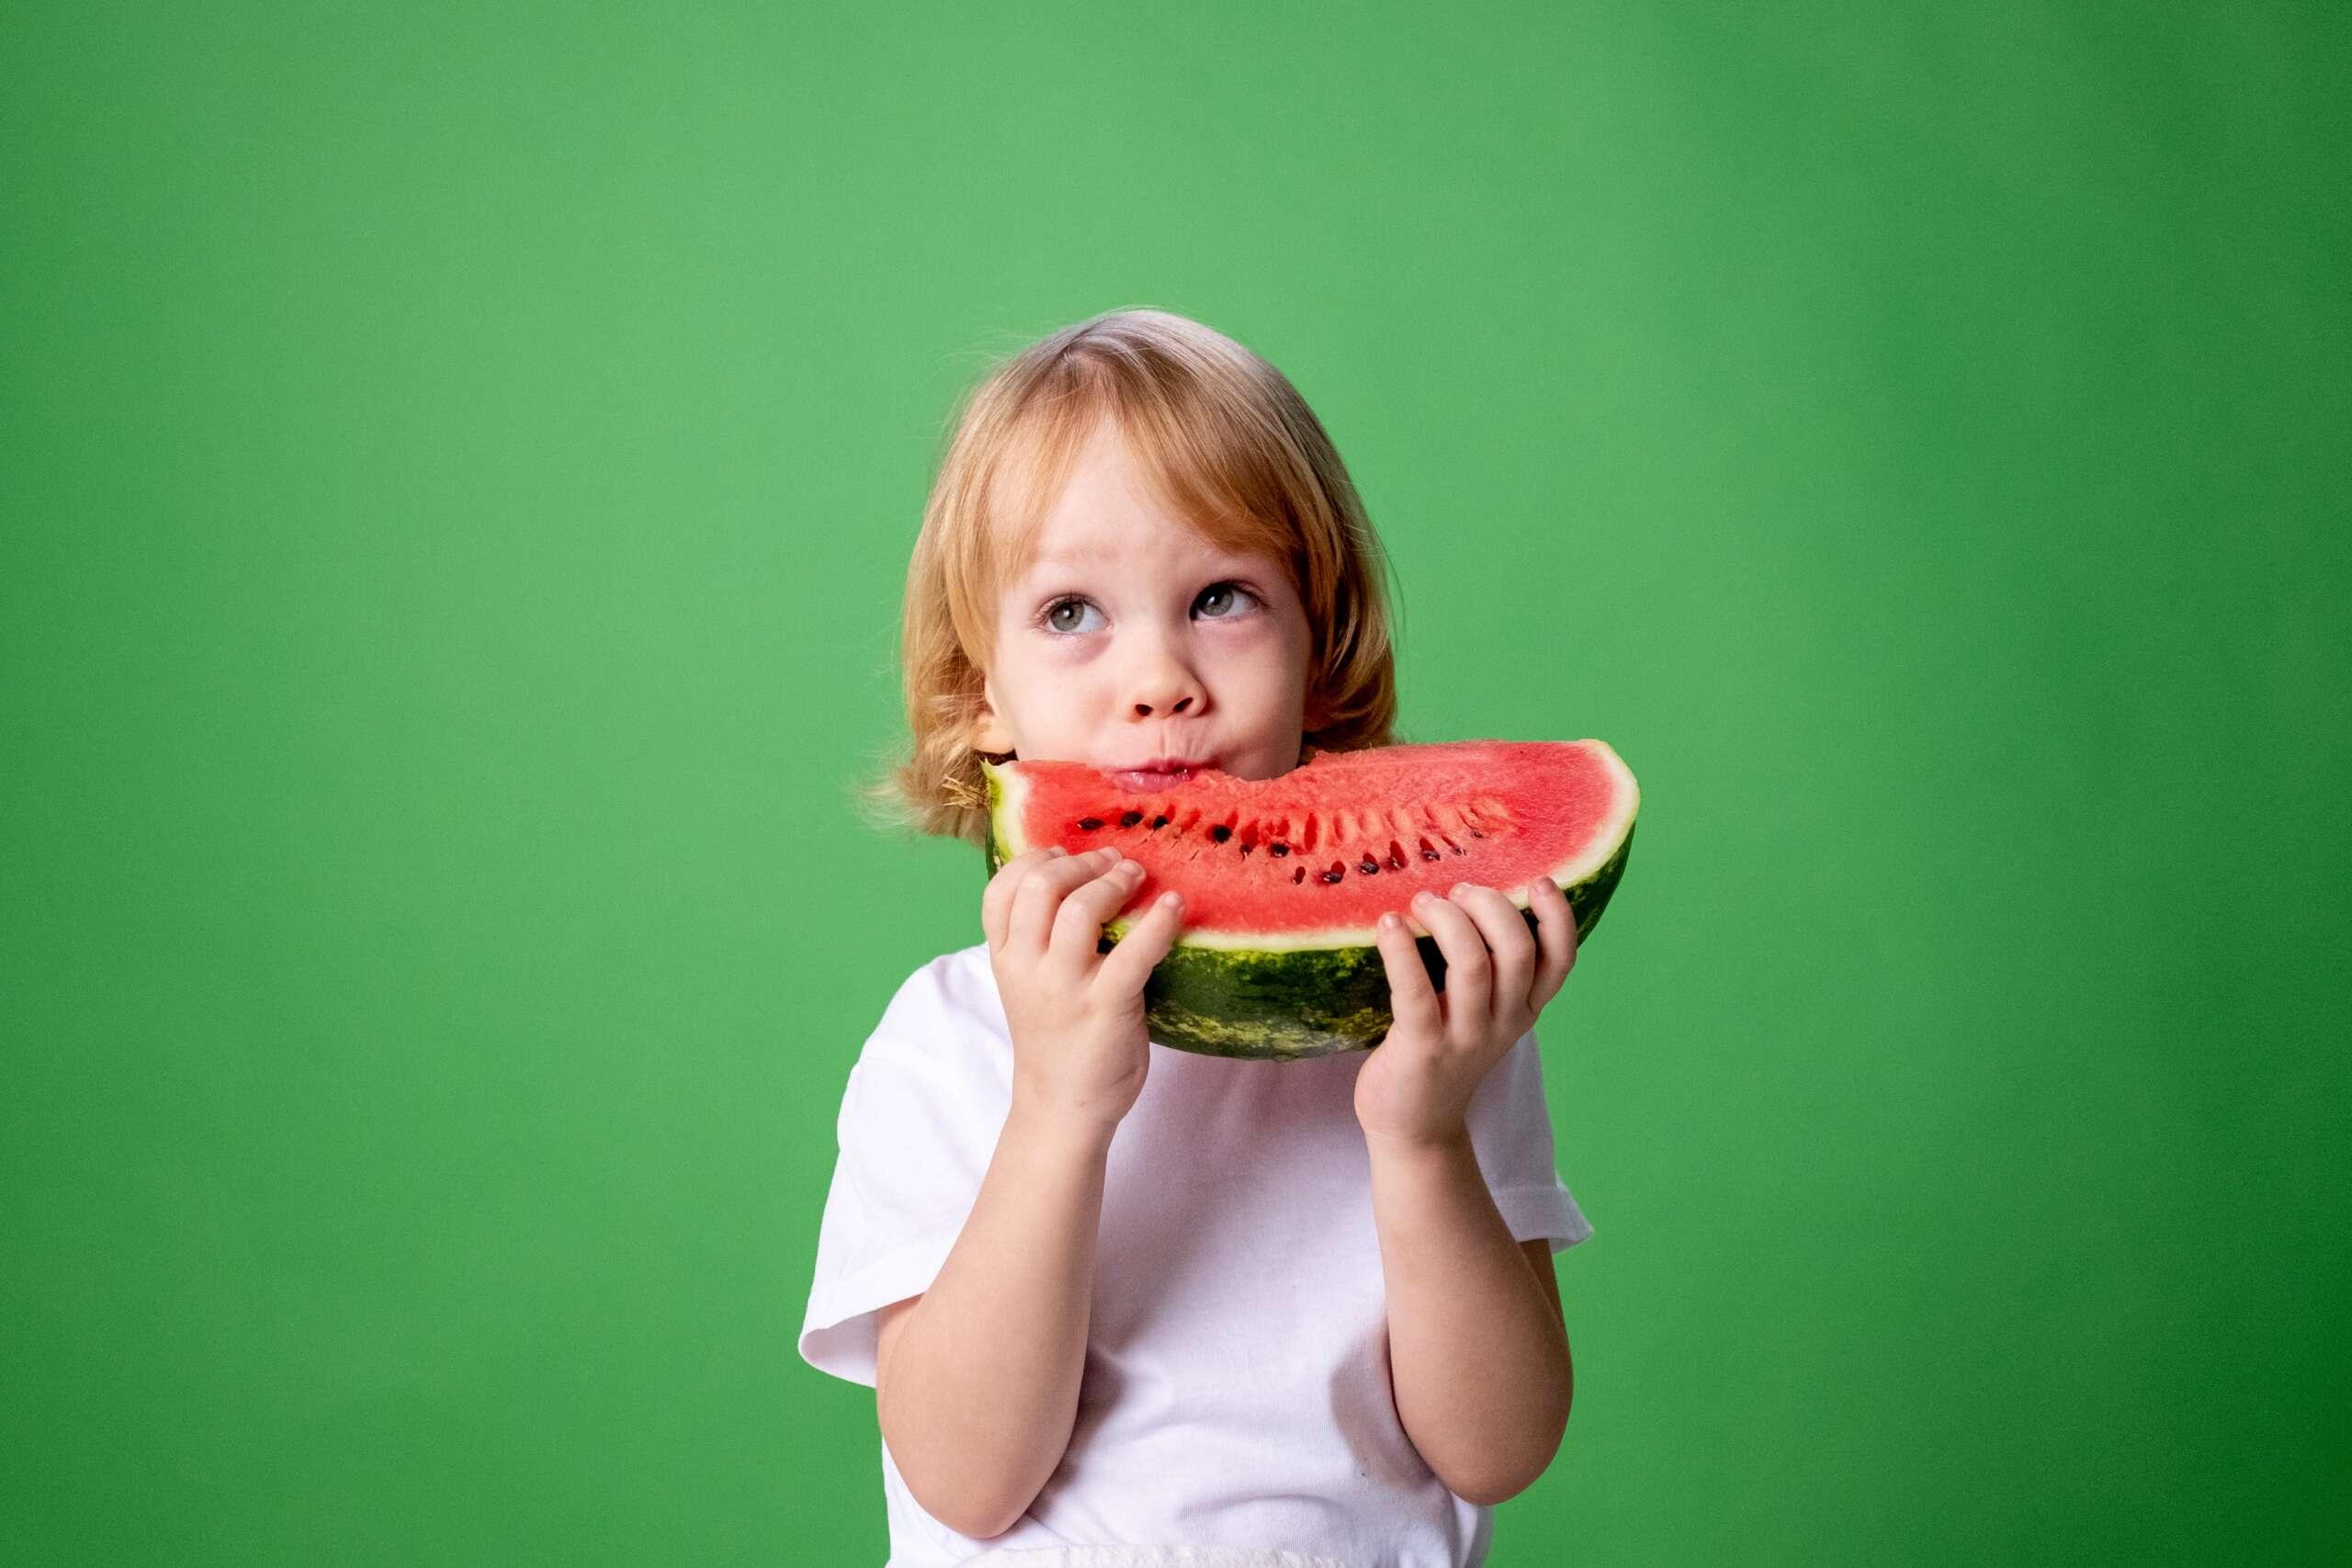 Jak powinna wyglądać zdrowa dieta każdego dziecka?